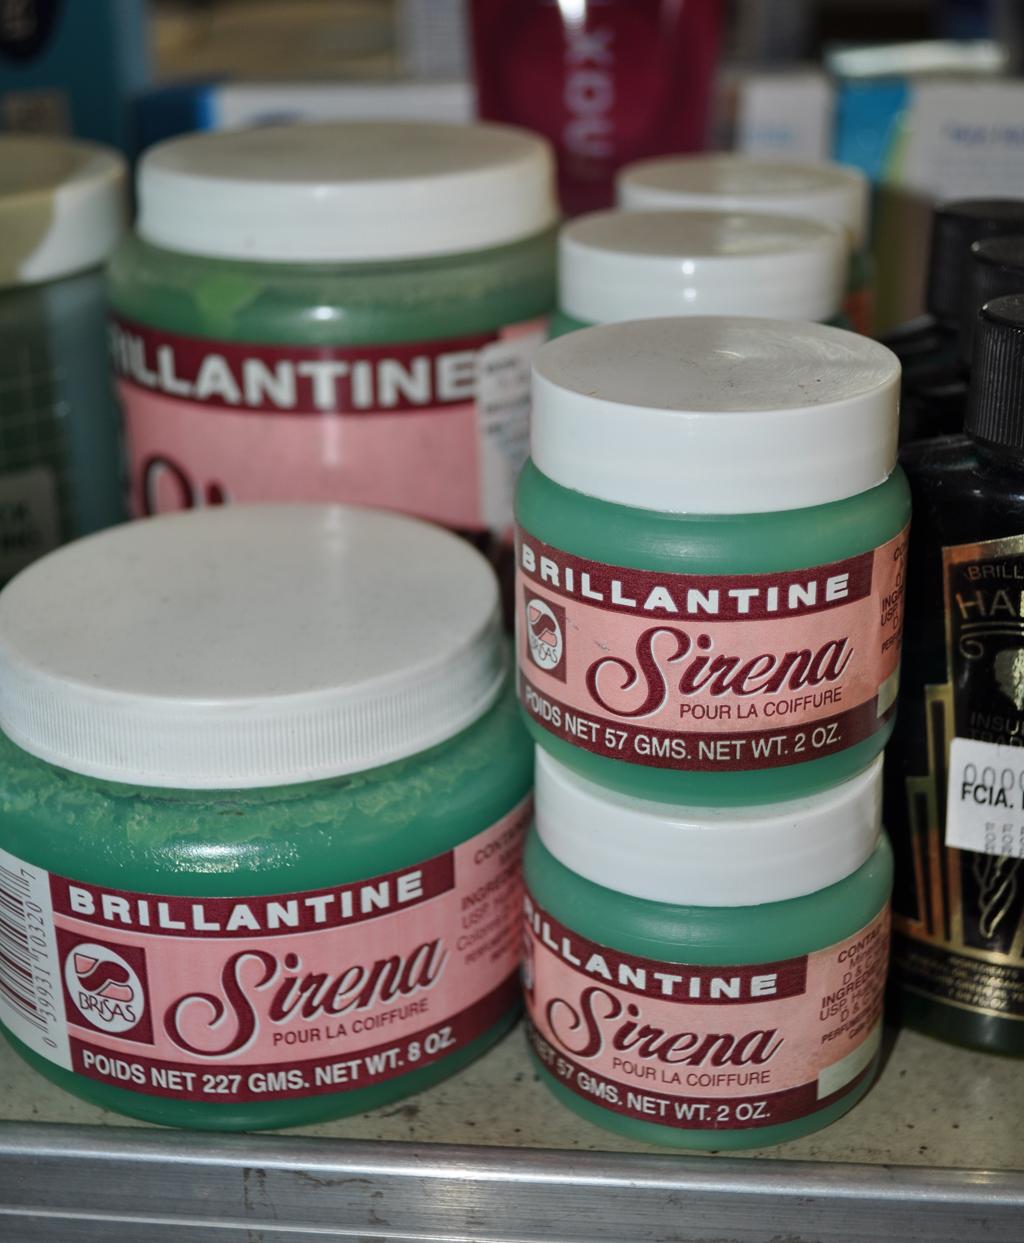 La Brillantina Sirena para el cabello era de uso común para el tiempo de nuestros abuelos. Foto: Pamy Rojas